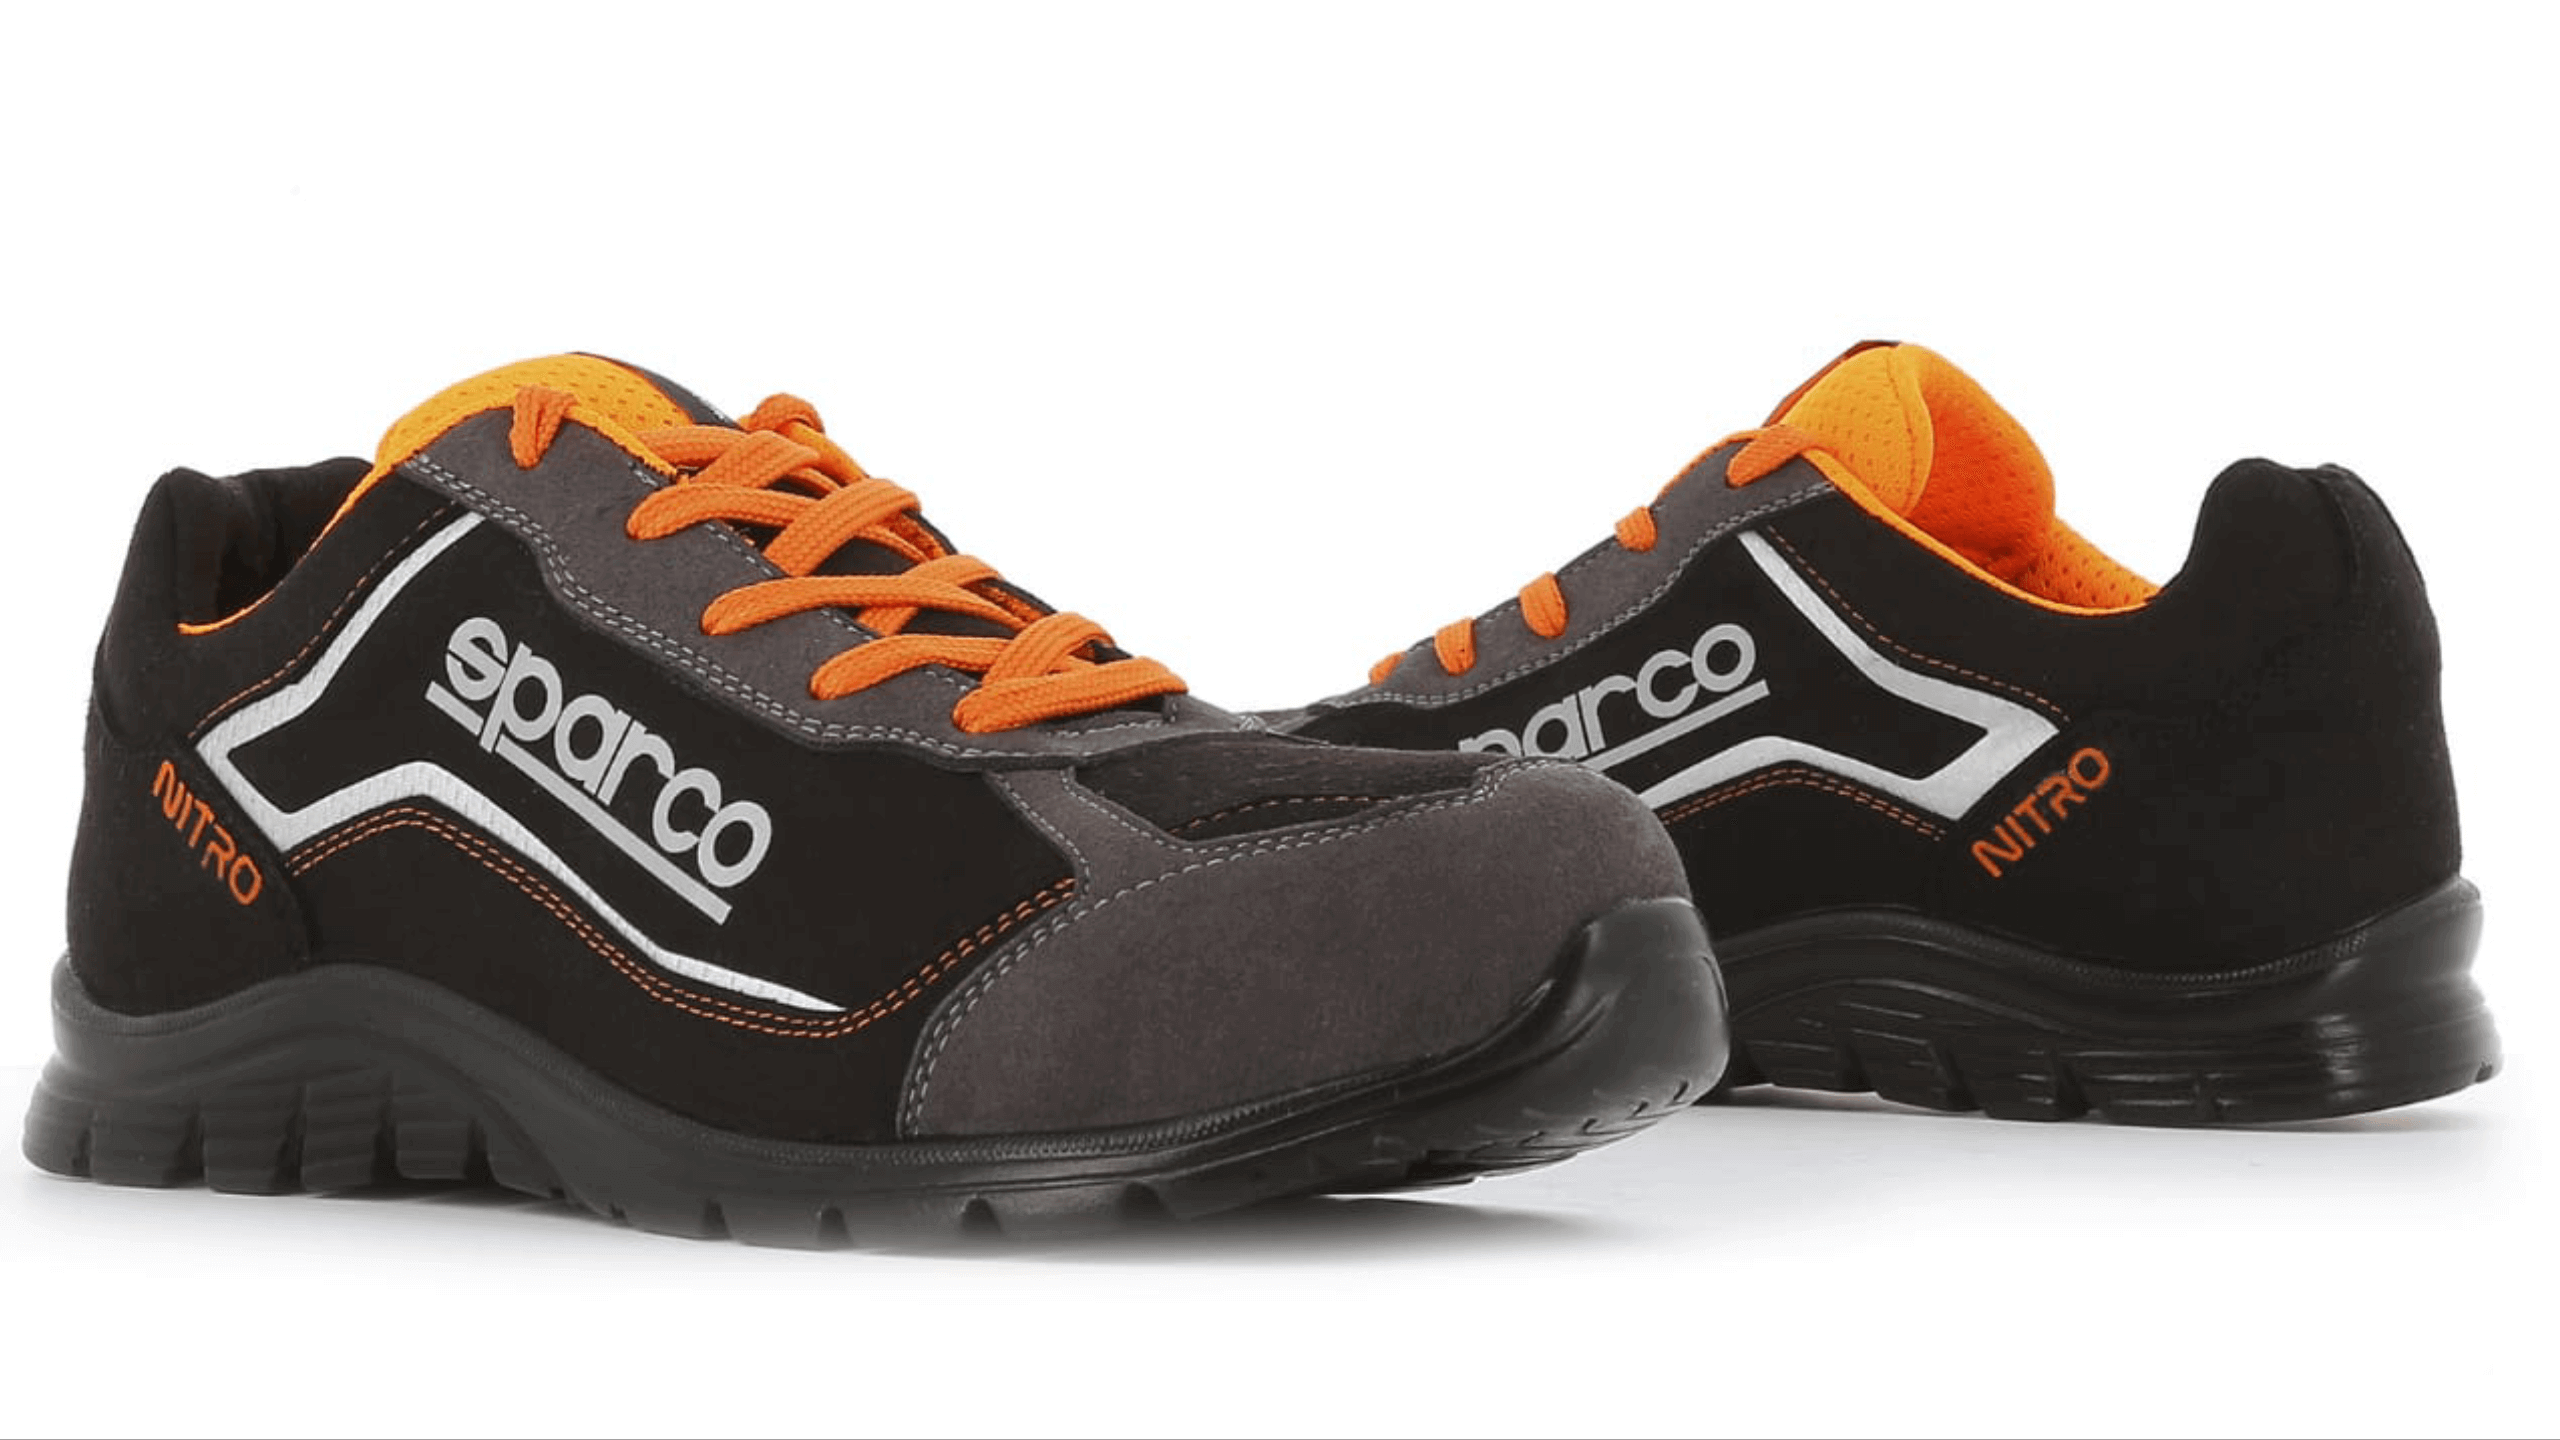 01b49d1ac04 Los Zapatos de Seguridad más cómodos | Comprar zapatos trabajo cómodos |  Calzado de Protección